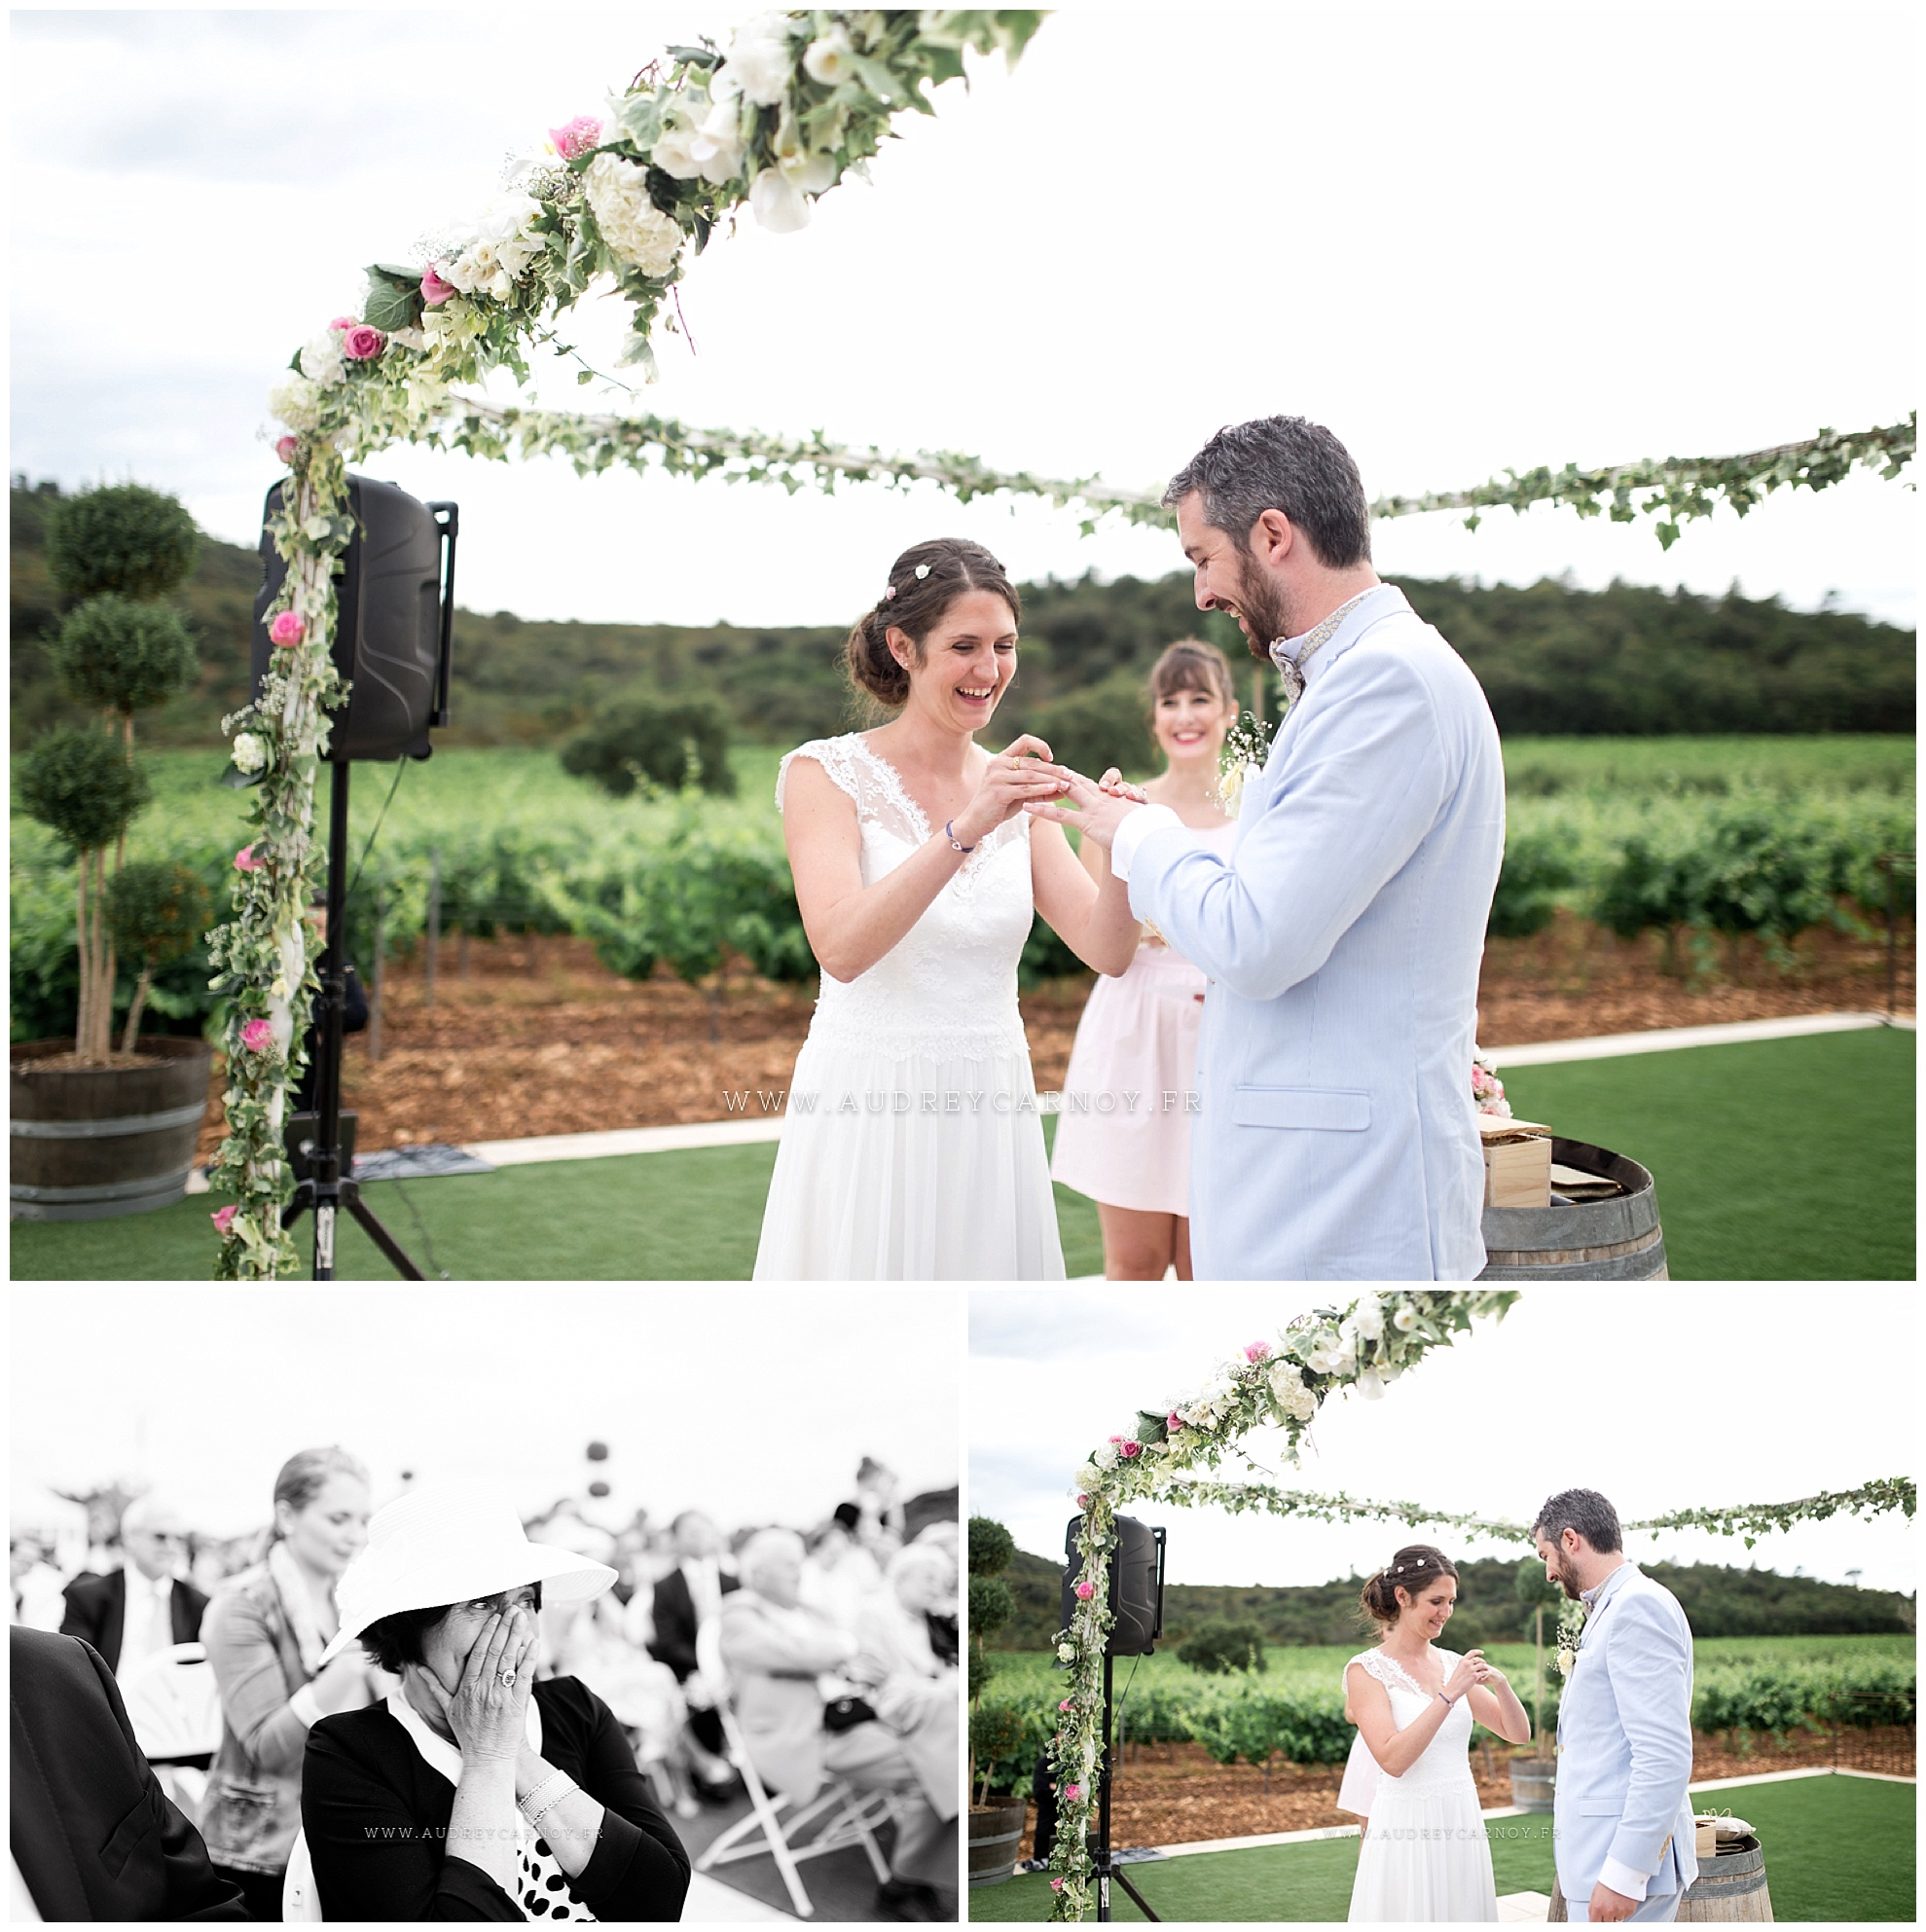 Mariage au domaine de la Bouverie - Roquebrunes sur Argens | Sophie & Nicolas 39